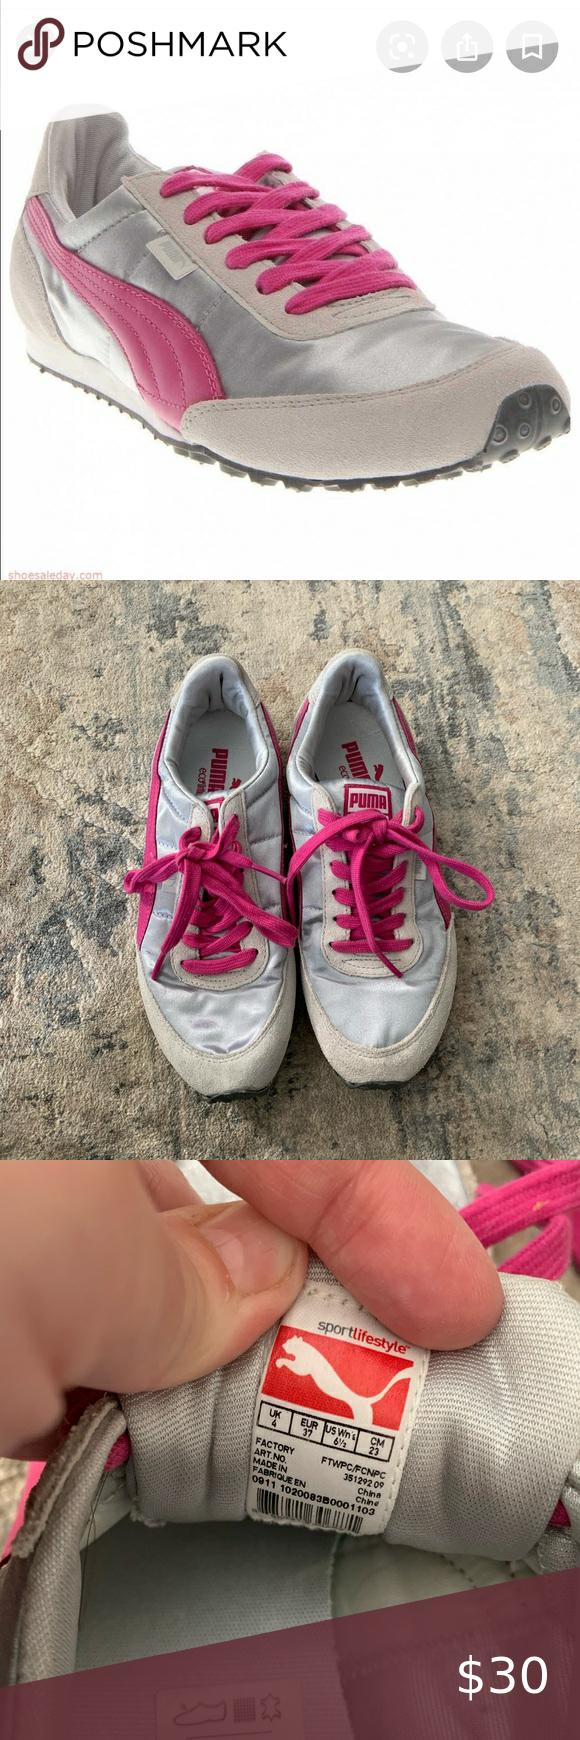 Puma Maya Nm Womens Trainers in Pink